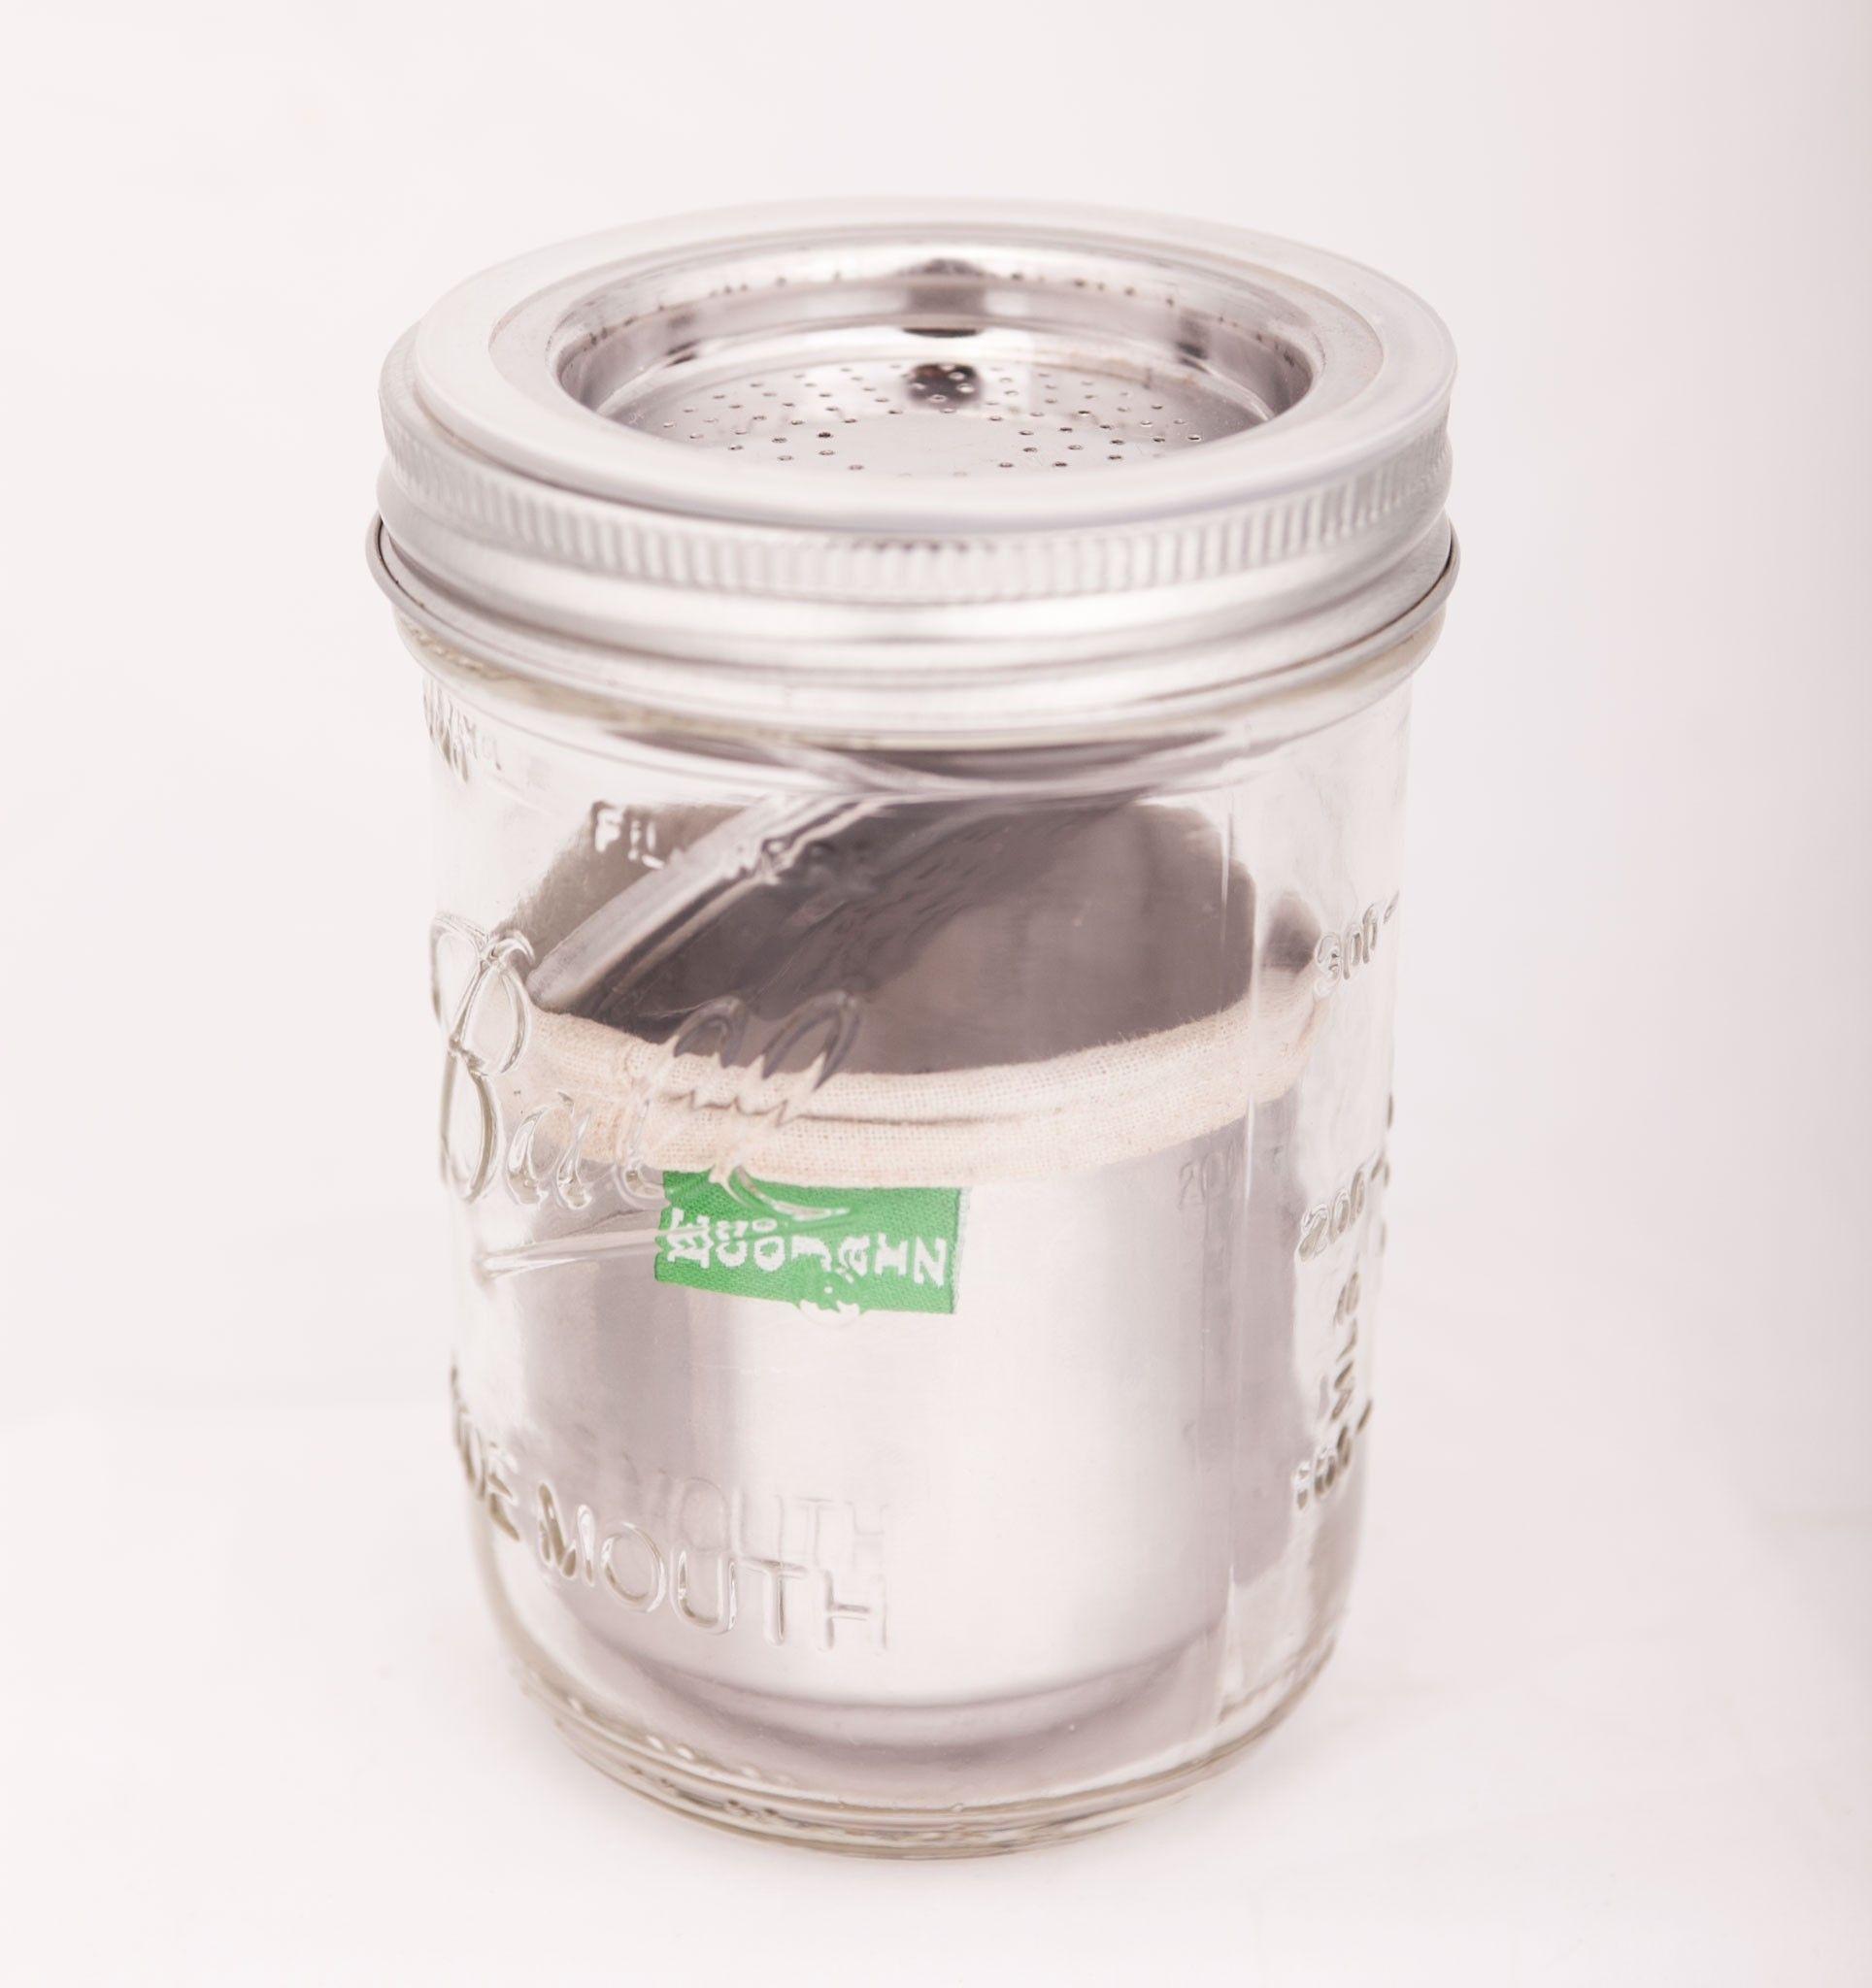 Ecojarz Dose Pour Over Coffee And Tea Kit For Jars